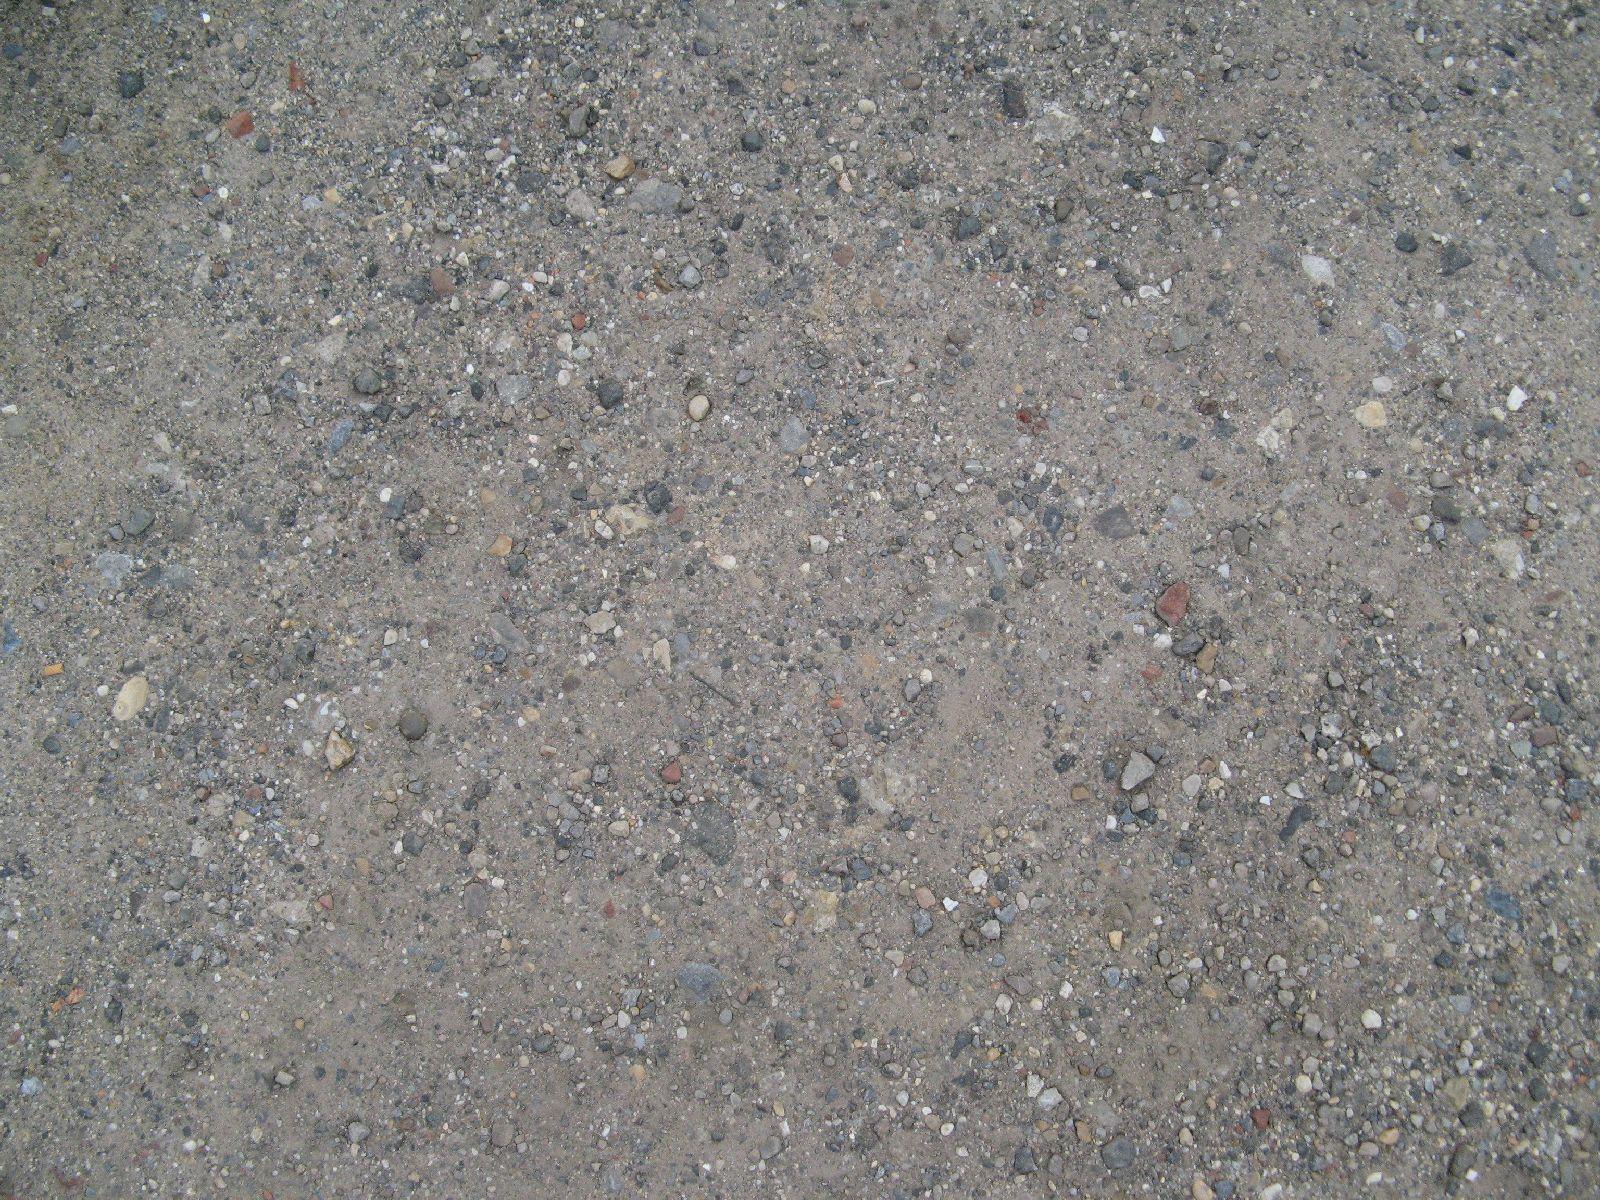 Ground-Urban_Texture_B_3111